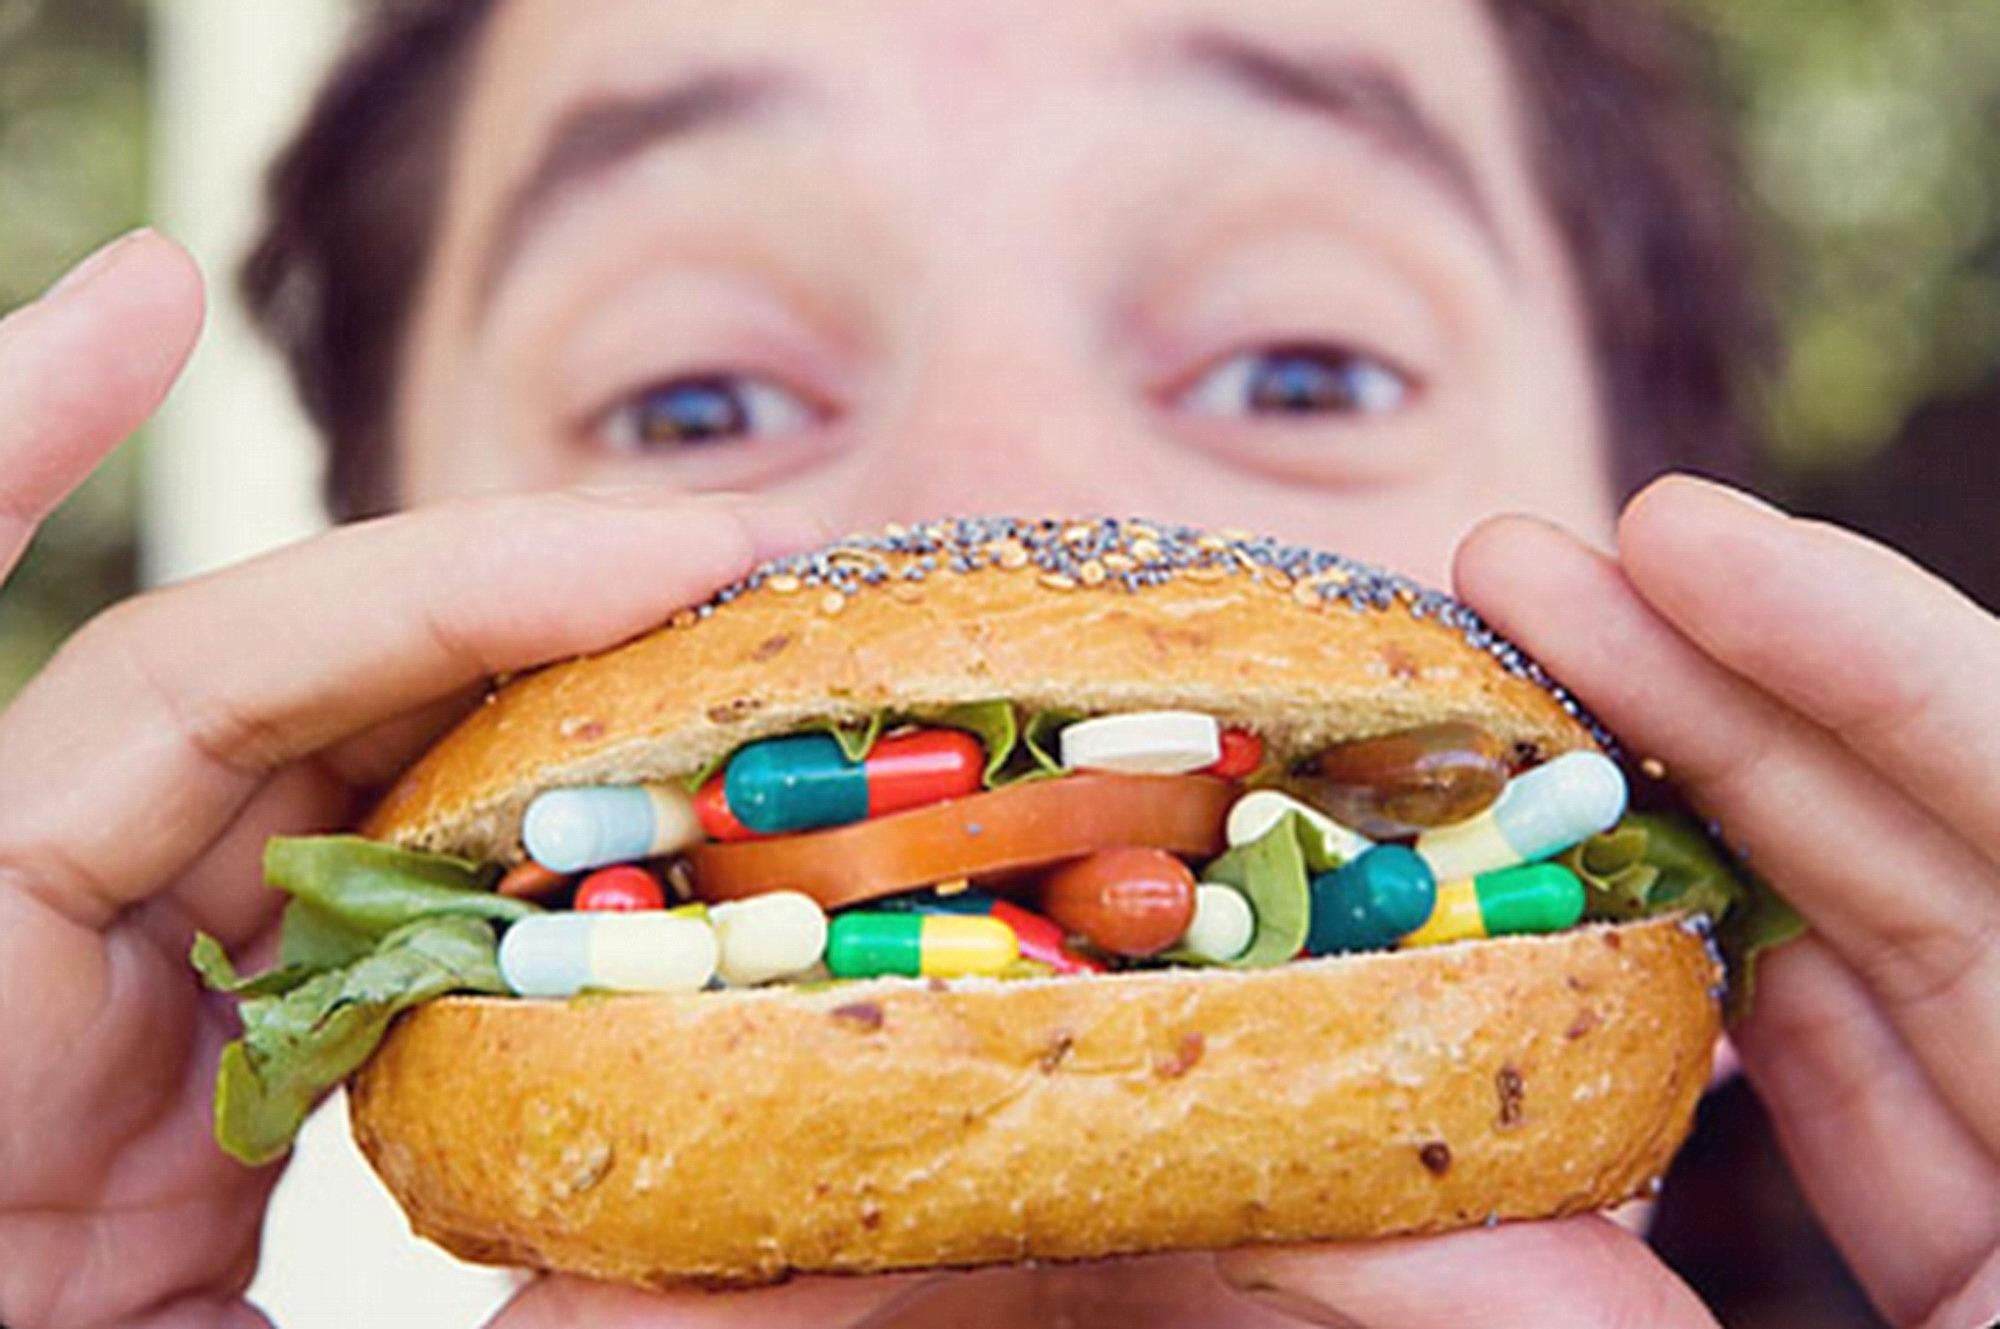 Obesità mondiale preoccupa, boom eccesso ponderale anche nei Paesi in via di sviluppo